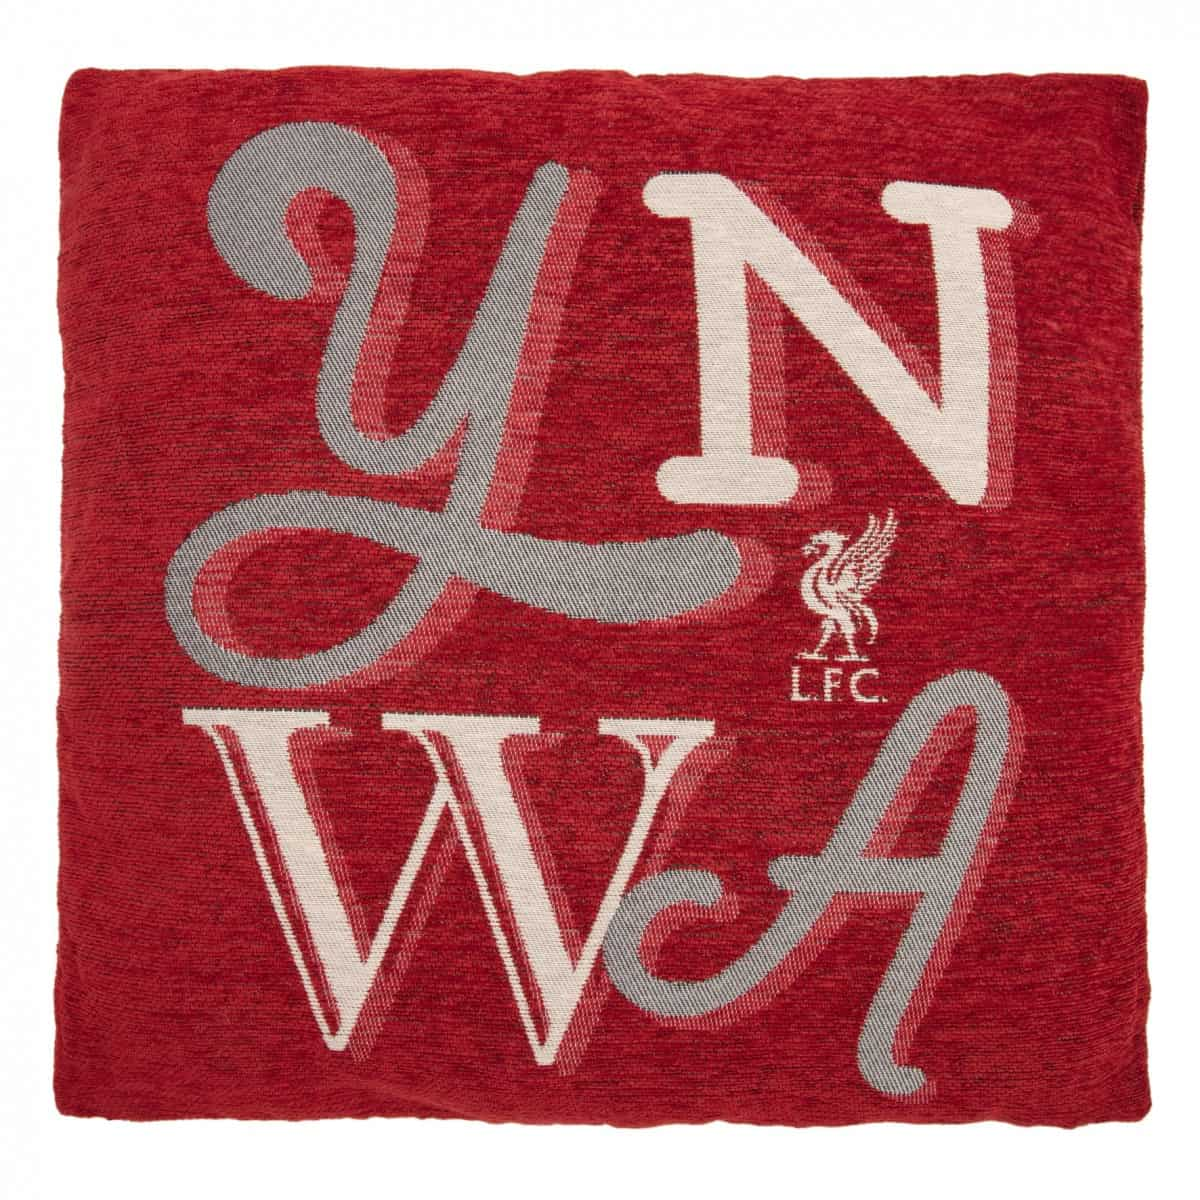 LFC YNWA Chenille Cushion